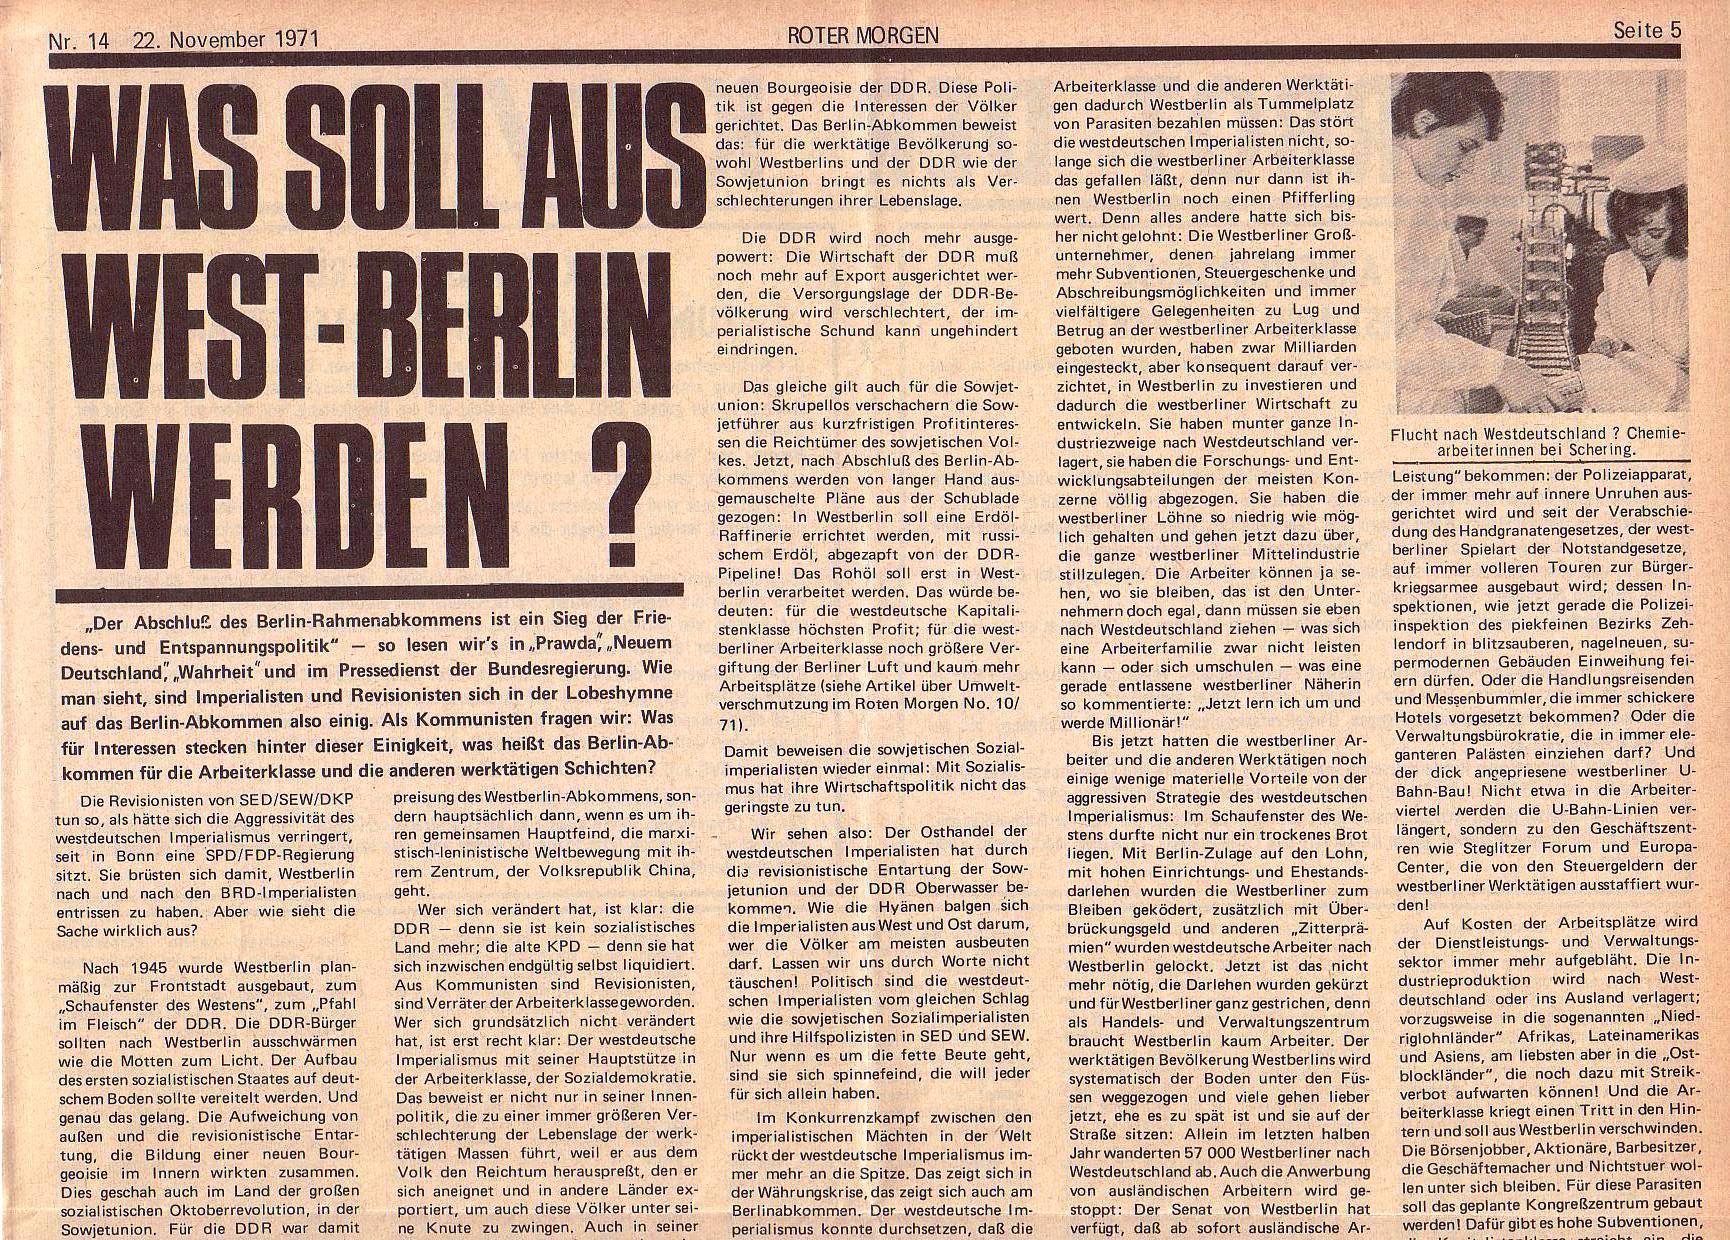 Roter Morgen, 5. Jg., 22. November 1971, Nr. 14, Seite 5a